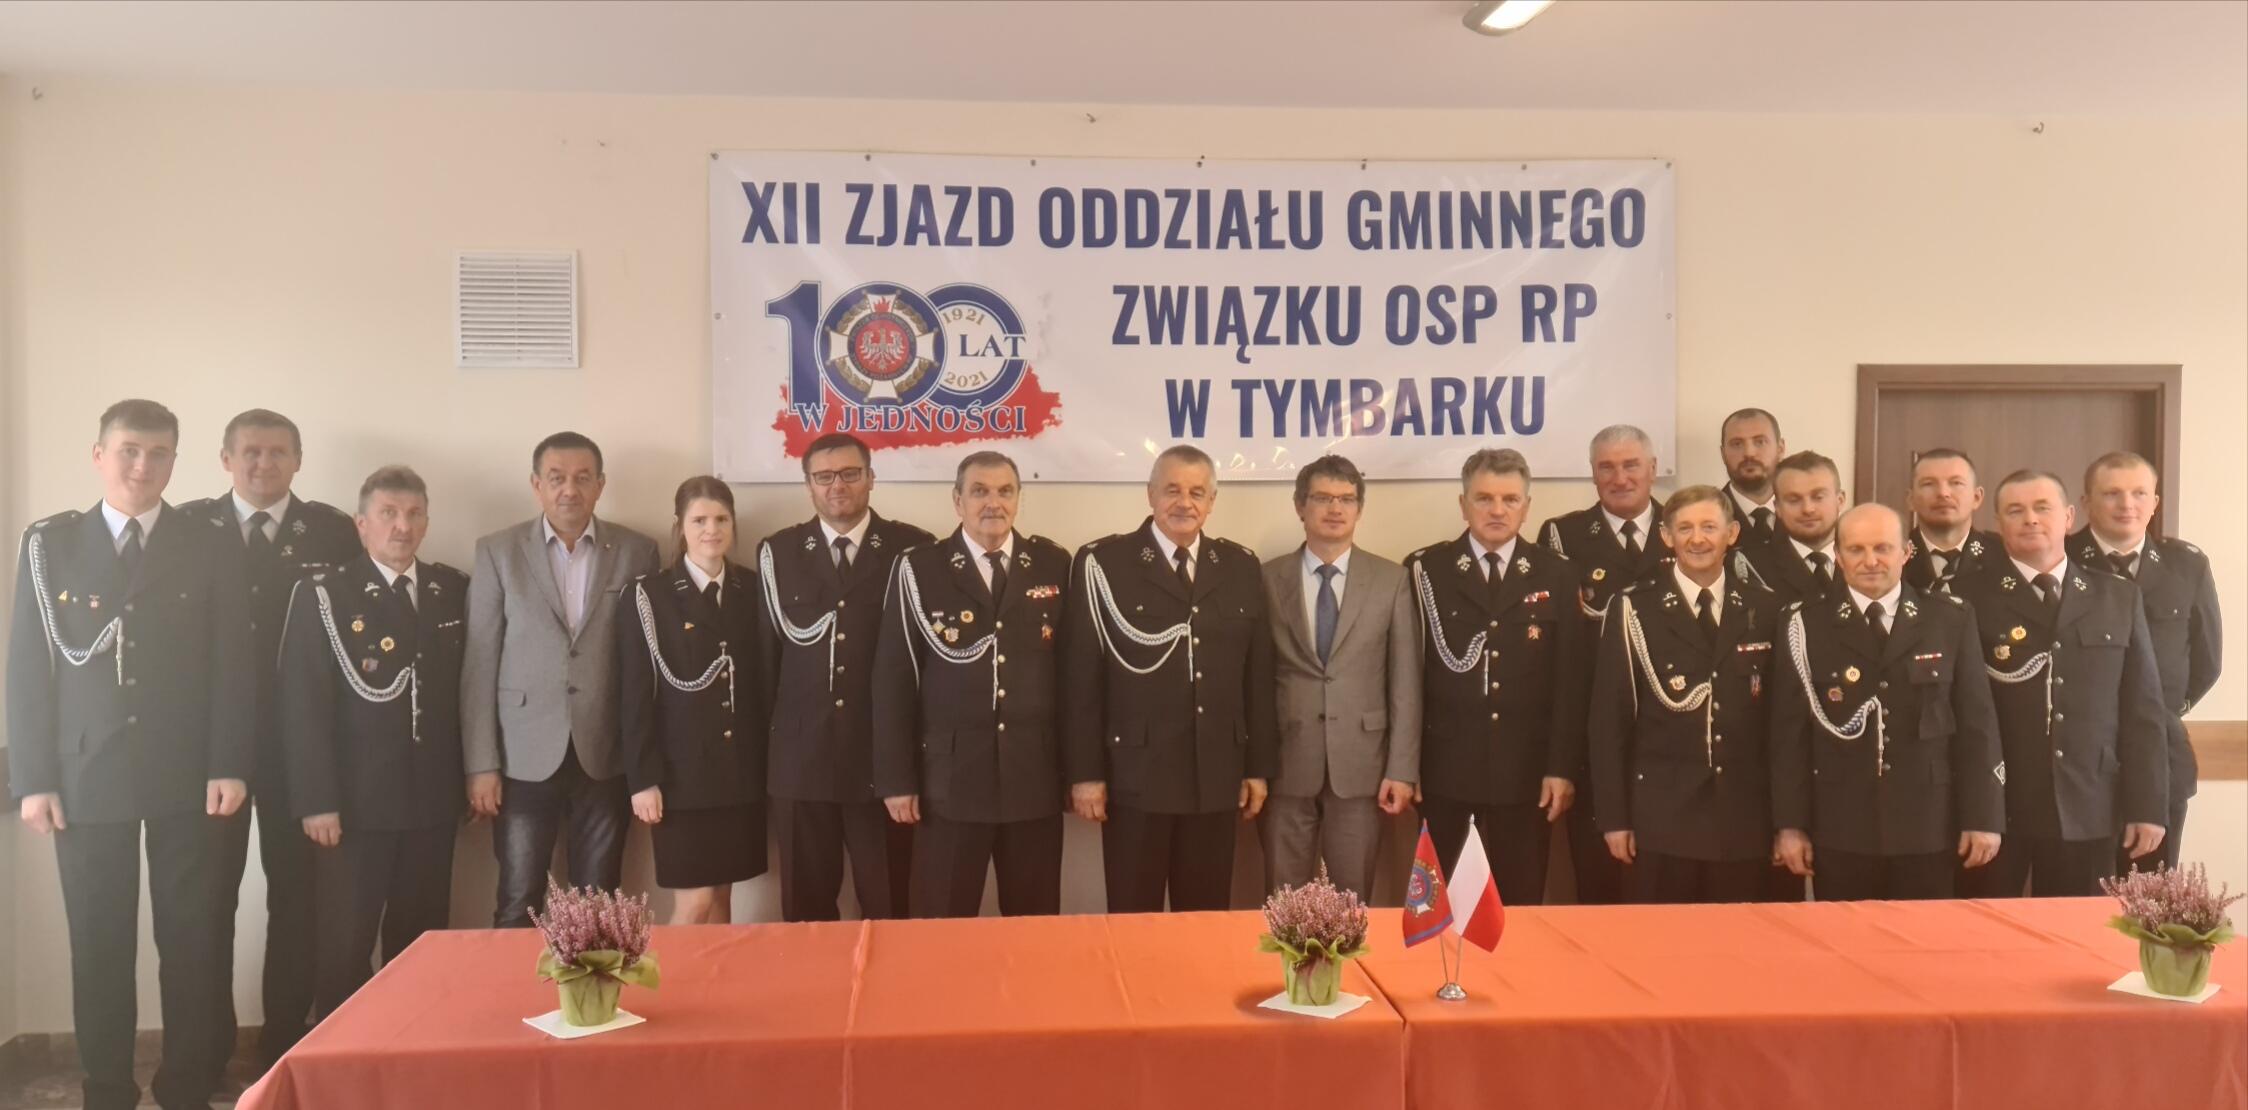 Wspólne zdjęcie wszystkich strażaków którzy uczestniczyli w zebraniu wraz z wójtem.